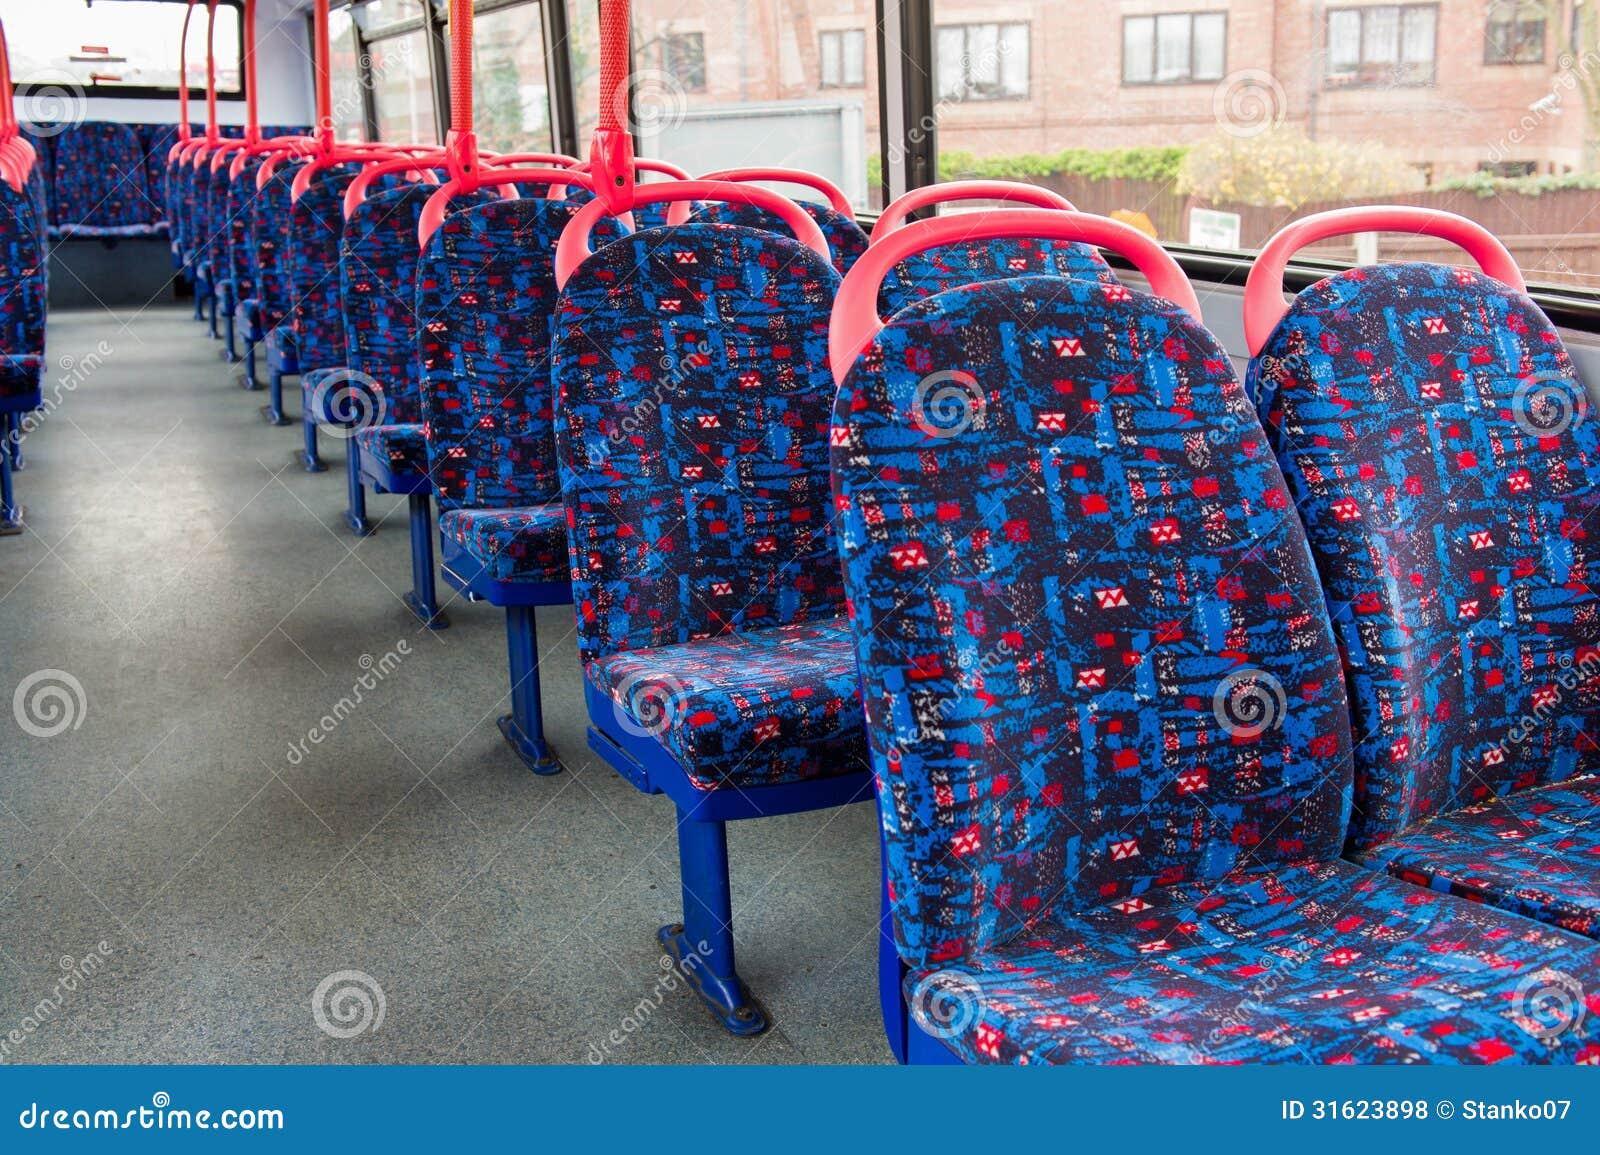 British bus interior